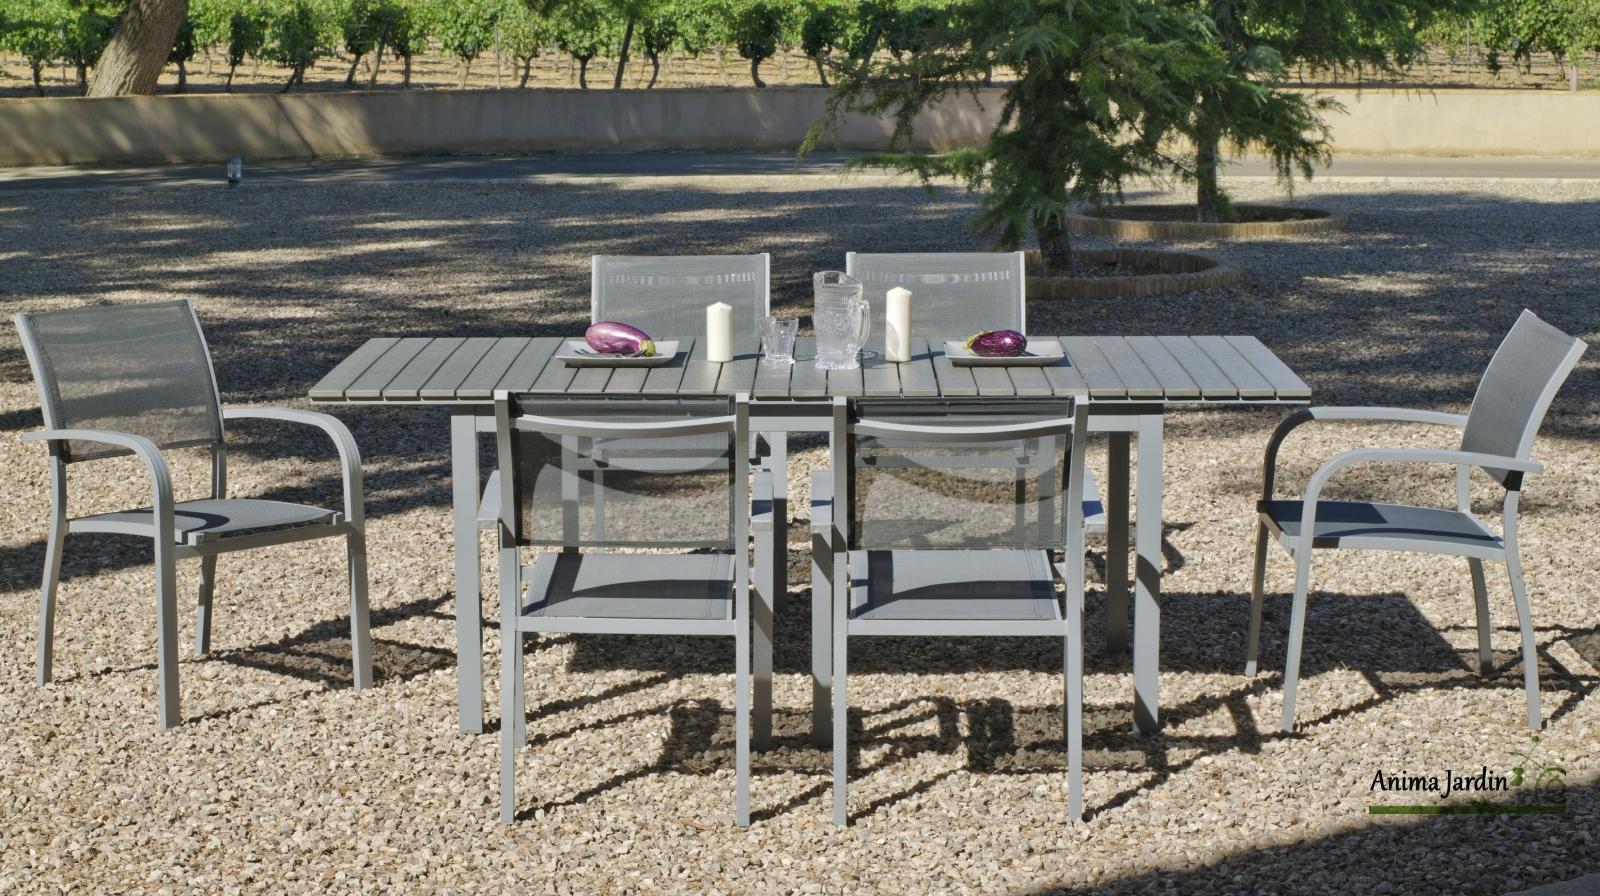 Salon-de-jardin-aluminium-200cm-gris-6-fauteuils-anima-jardin.fr